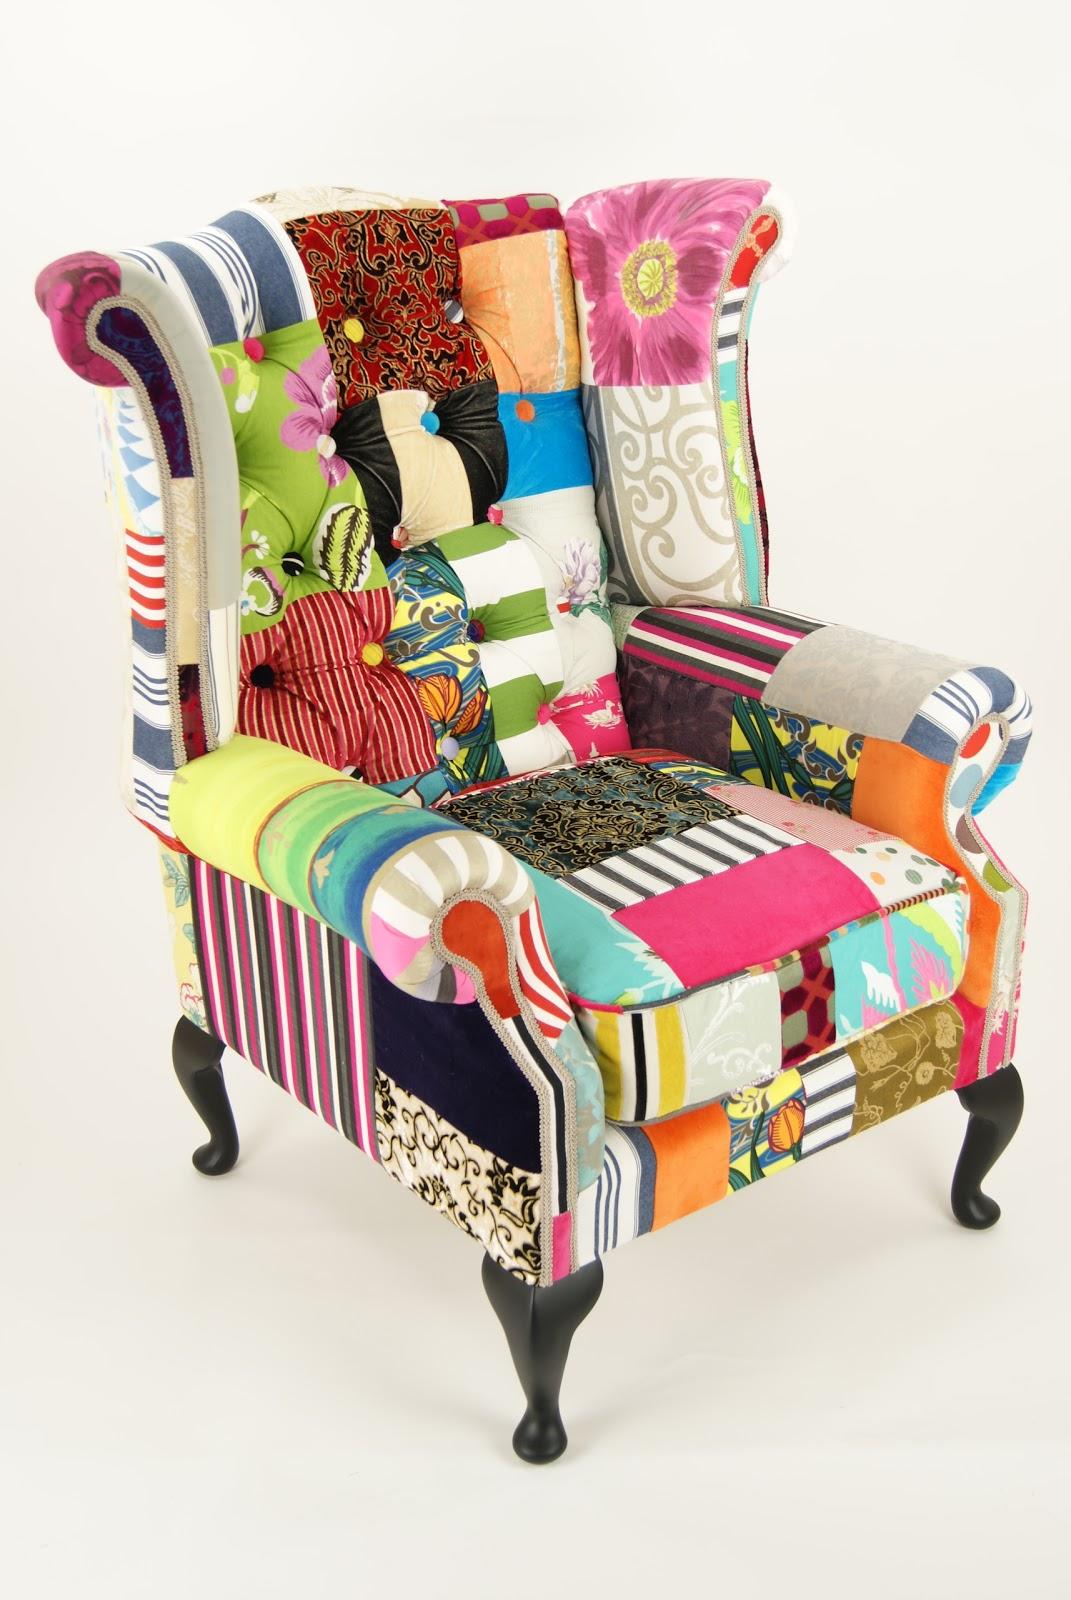 La casa de los mart nez nuevos tejidos para viejos sillones new fabrics for old armchairs - Sillones originales ...